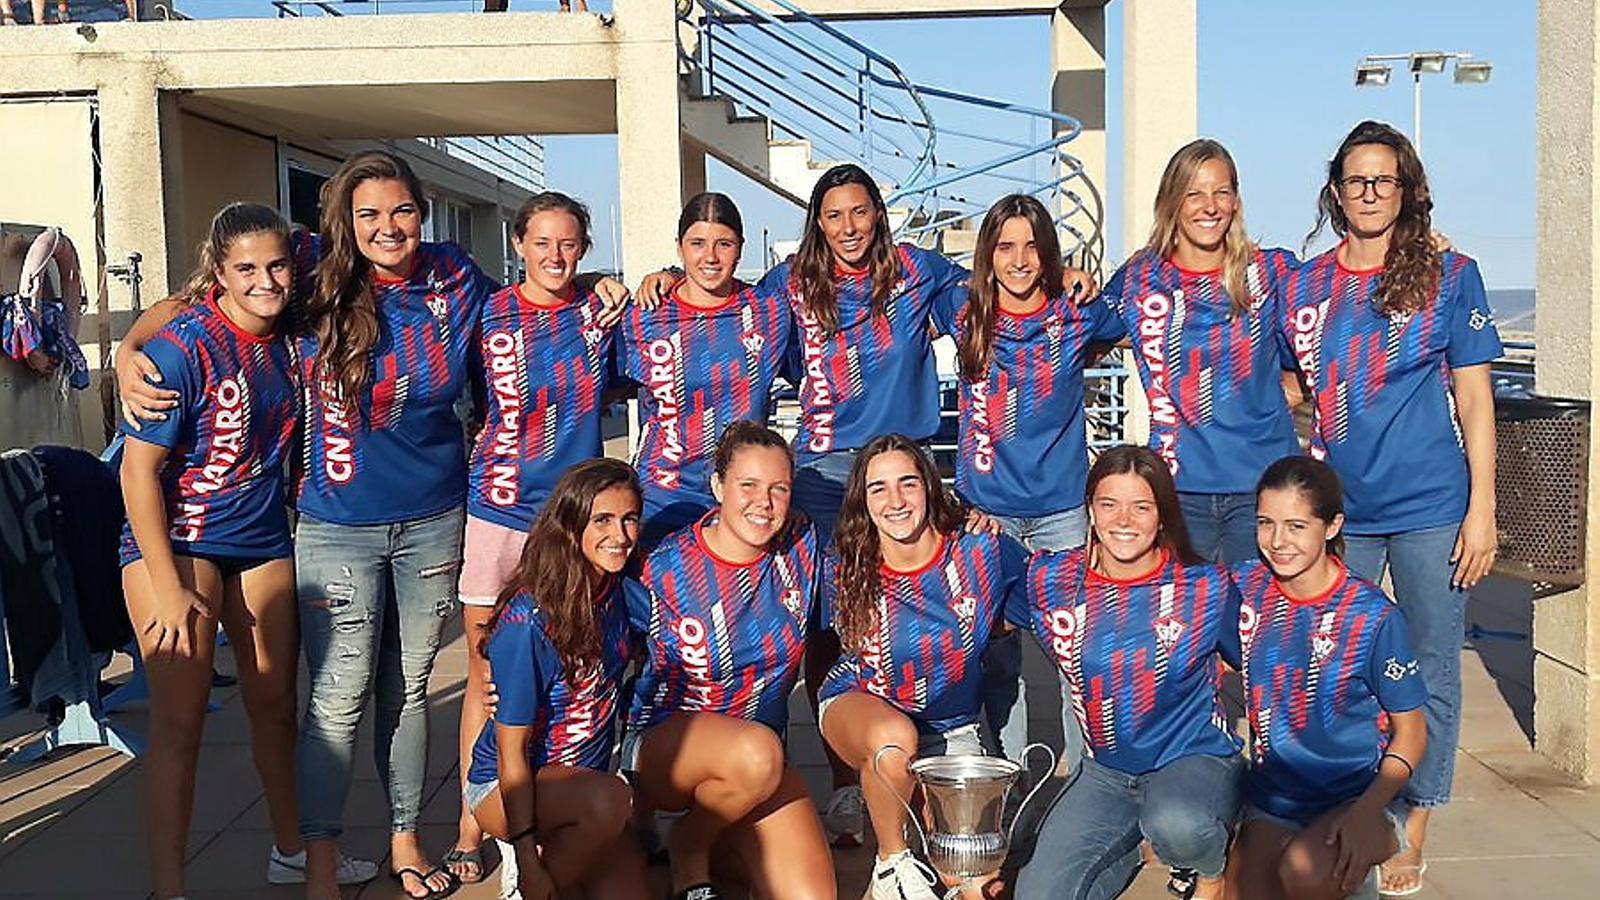 La lliga de waterpolo femení més igualada es posa en marxa amb un derbi vallesà